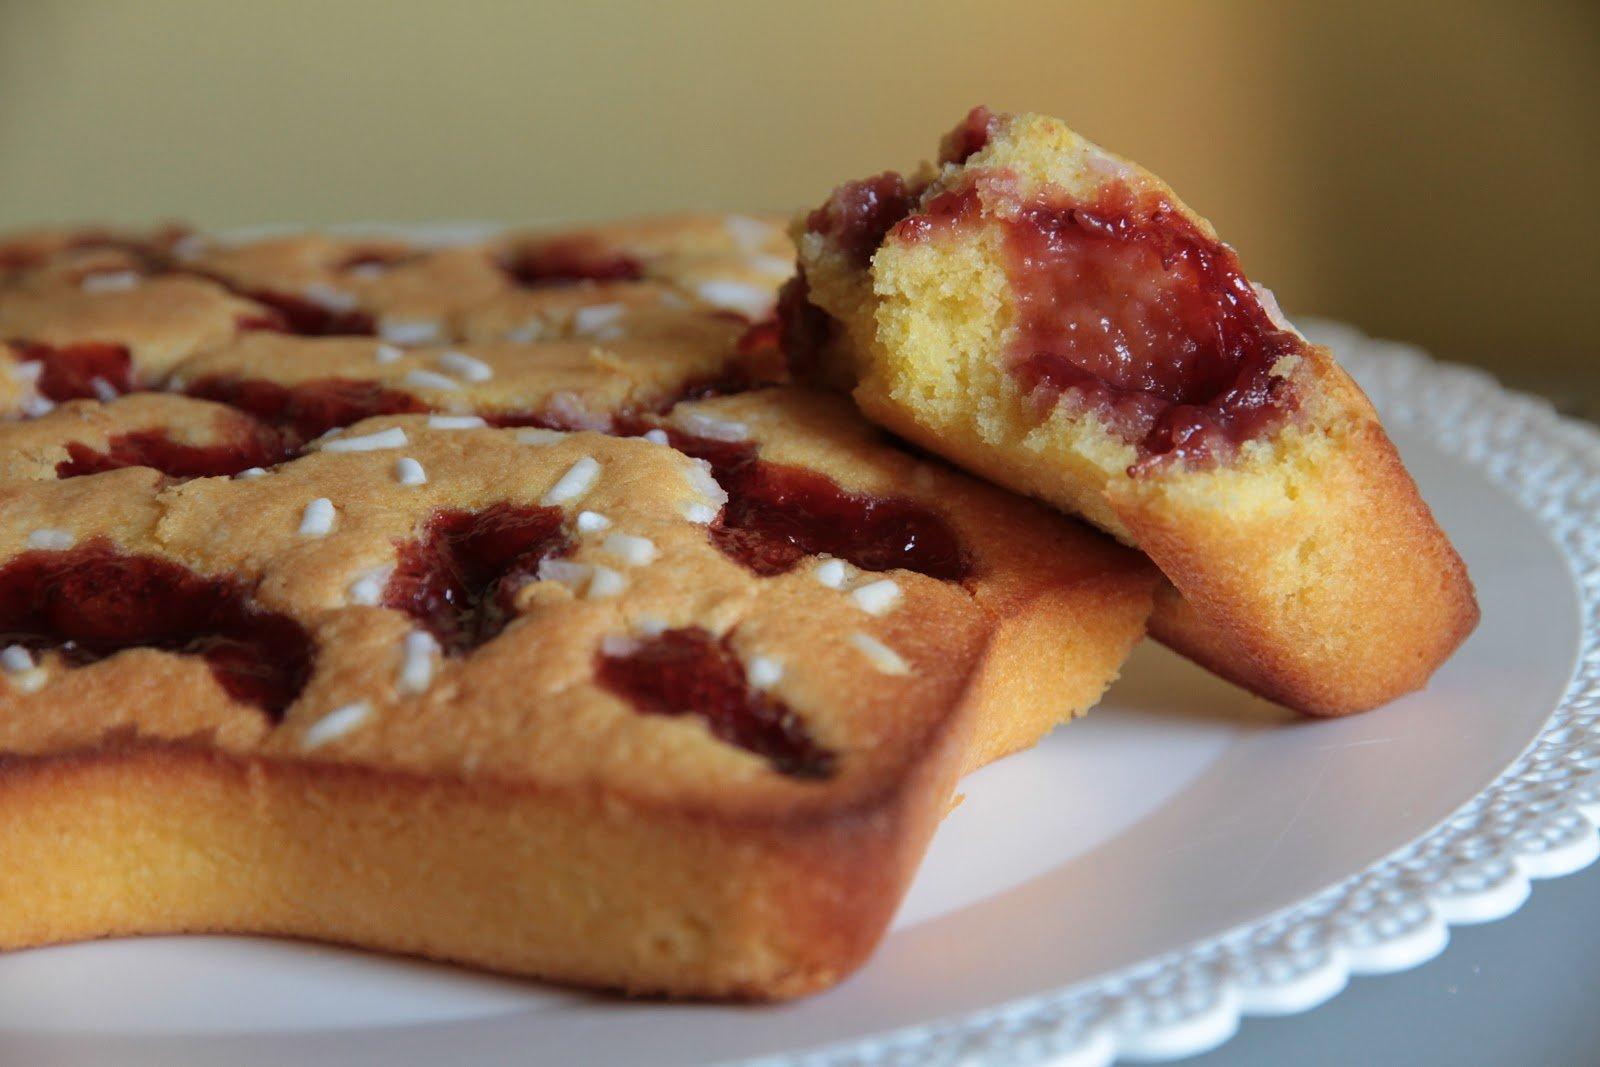 torta morbida con marmellata senza glutine